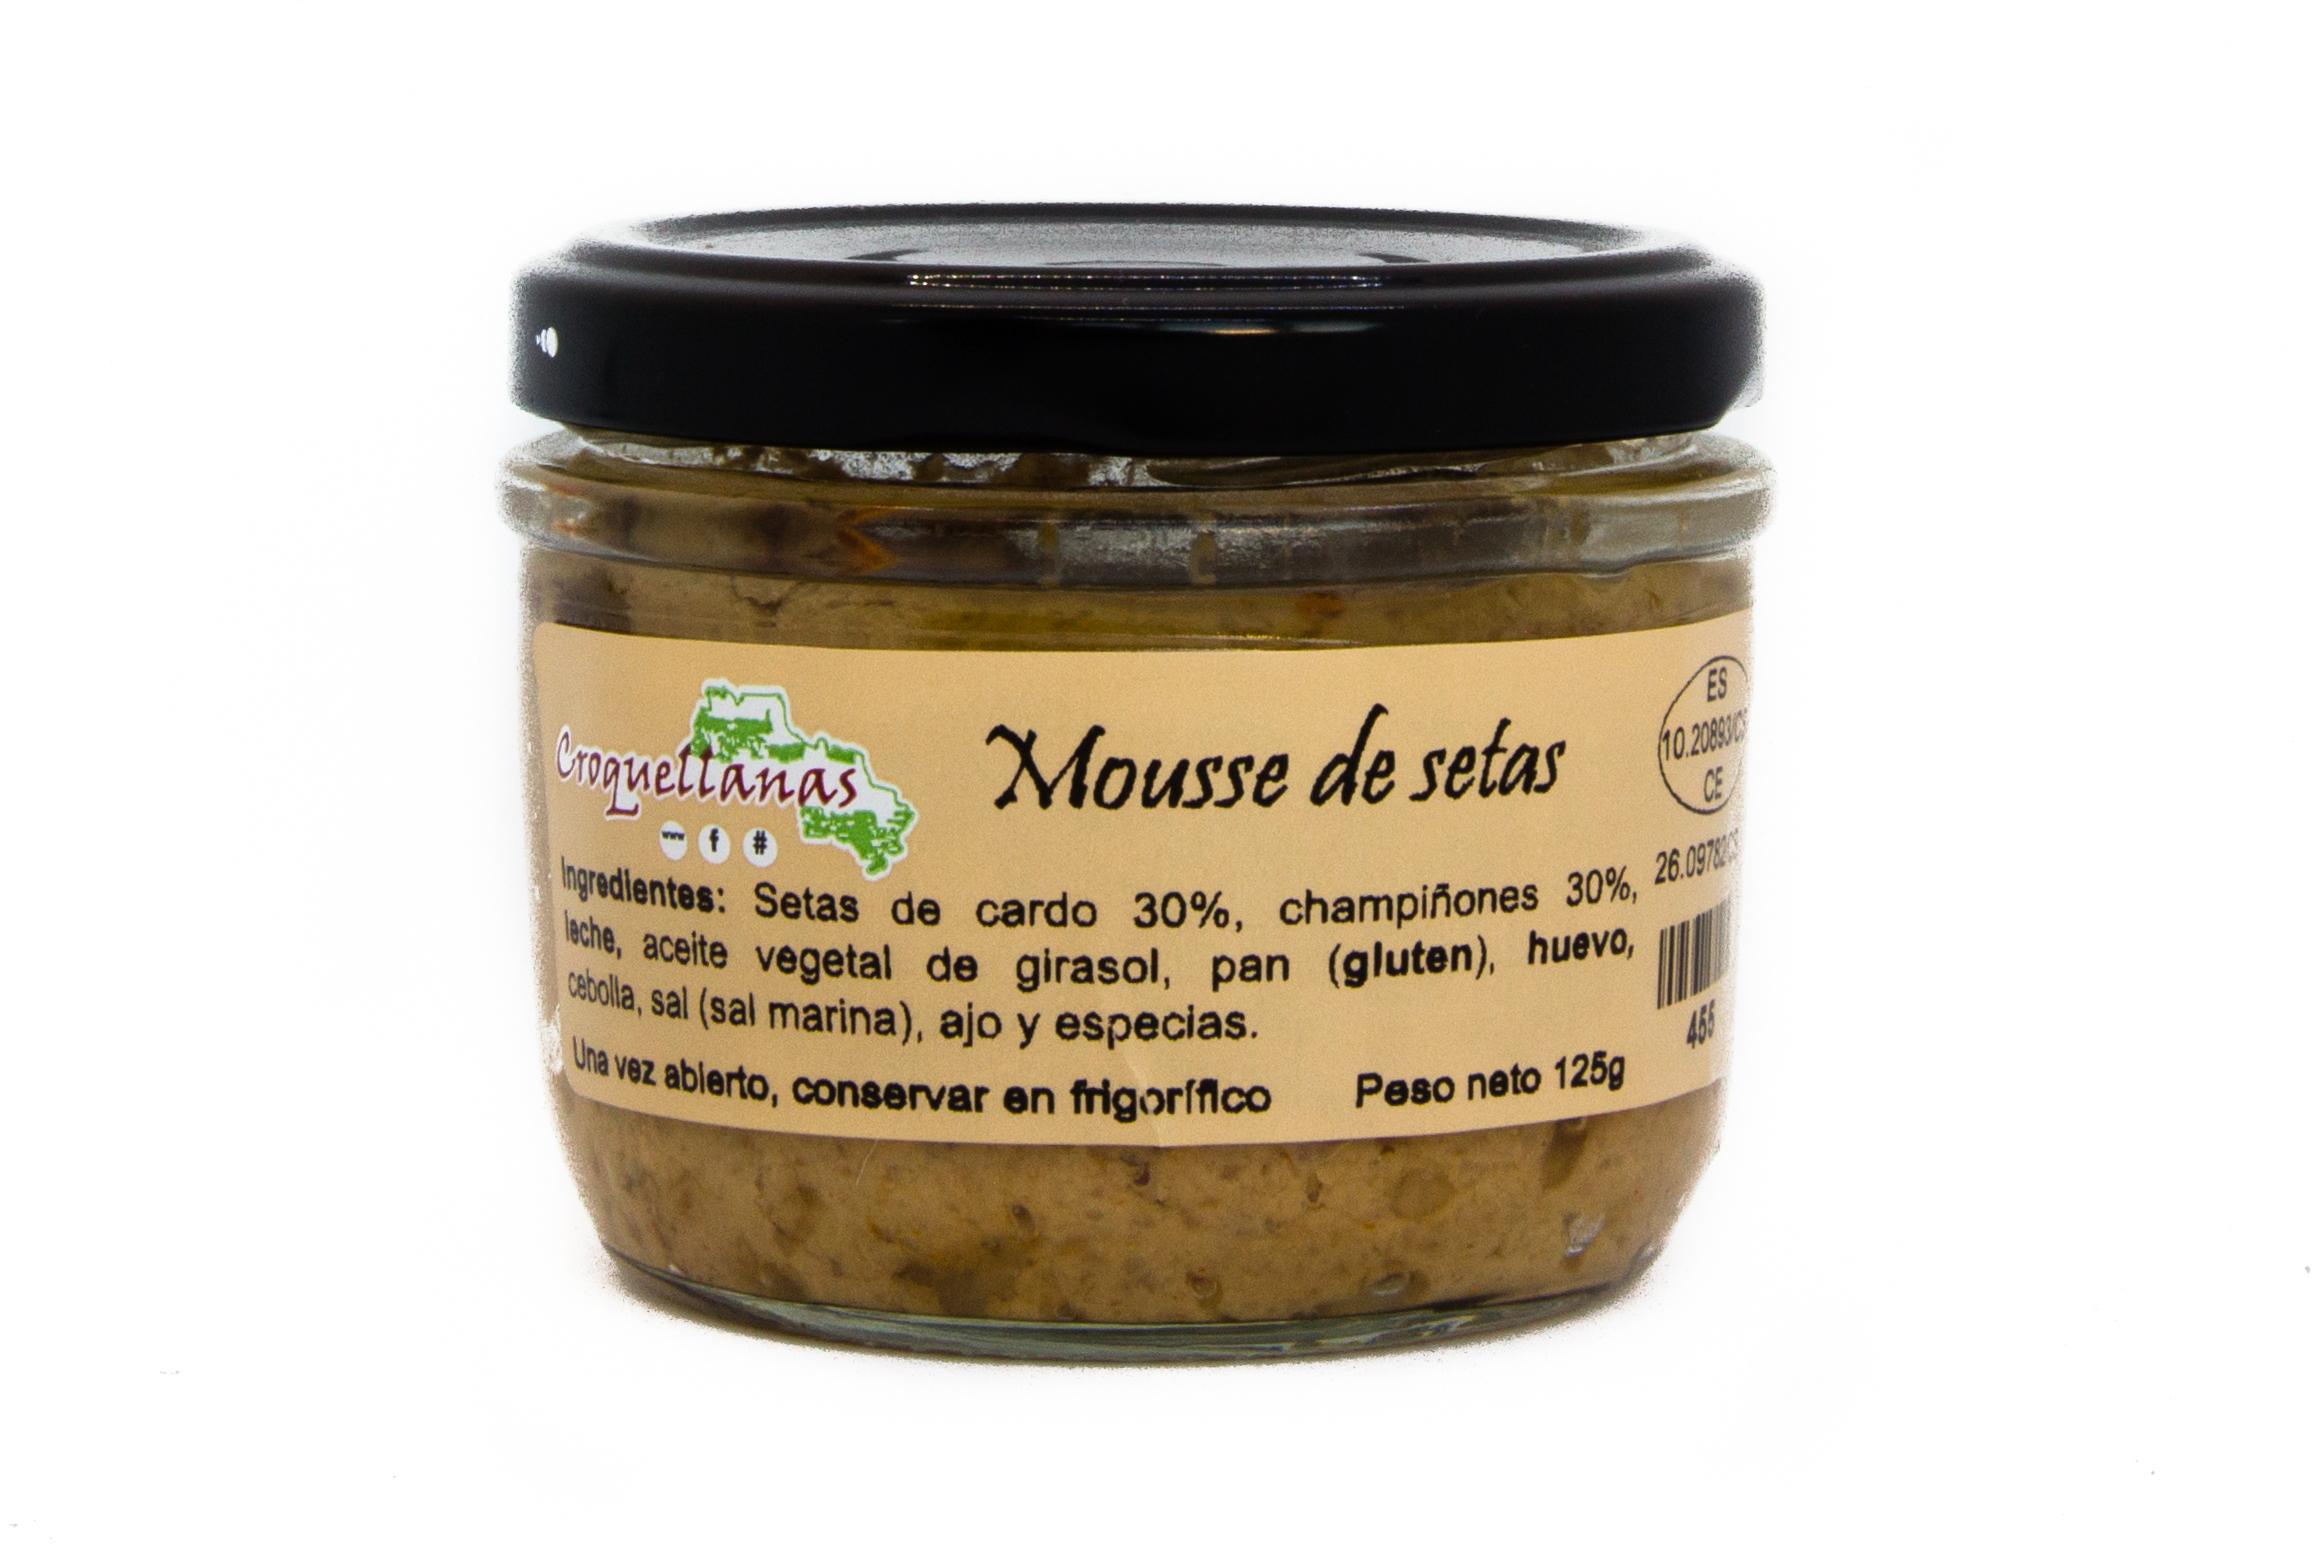 Mousse setas de cardo y champiñones 1